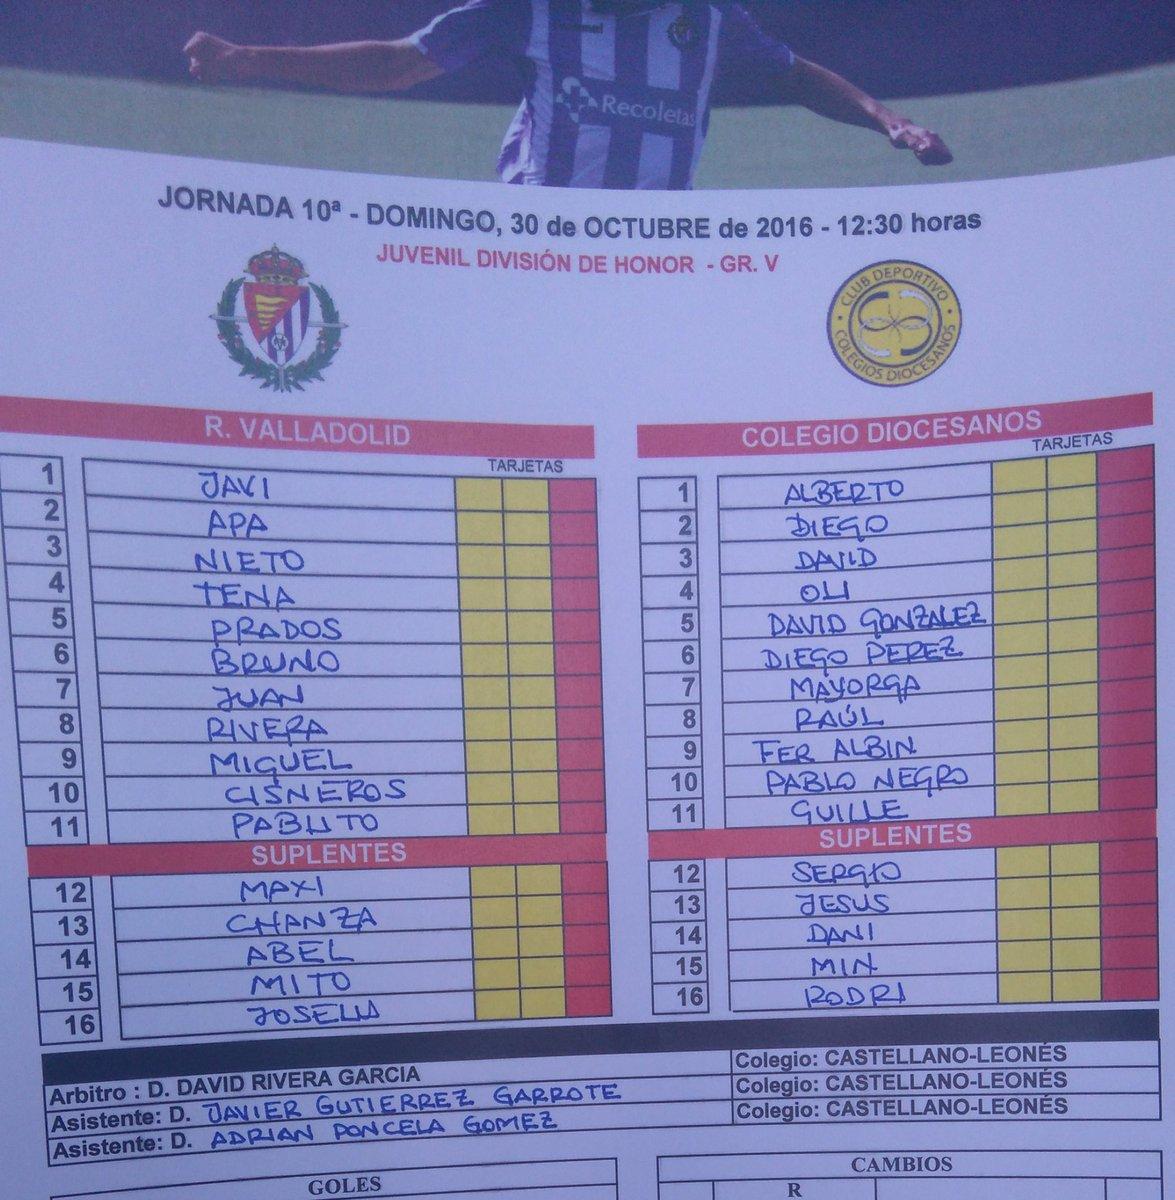 Real Valladolid Juvenil A - Temporada 2016/17 - División de Honor Grupo V - Página 7 CwAyQx4WAAAbspY